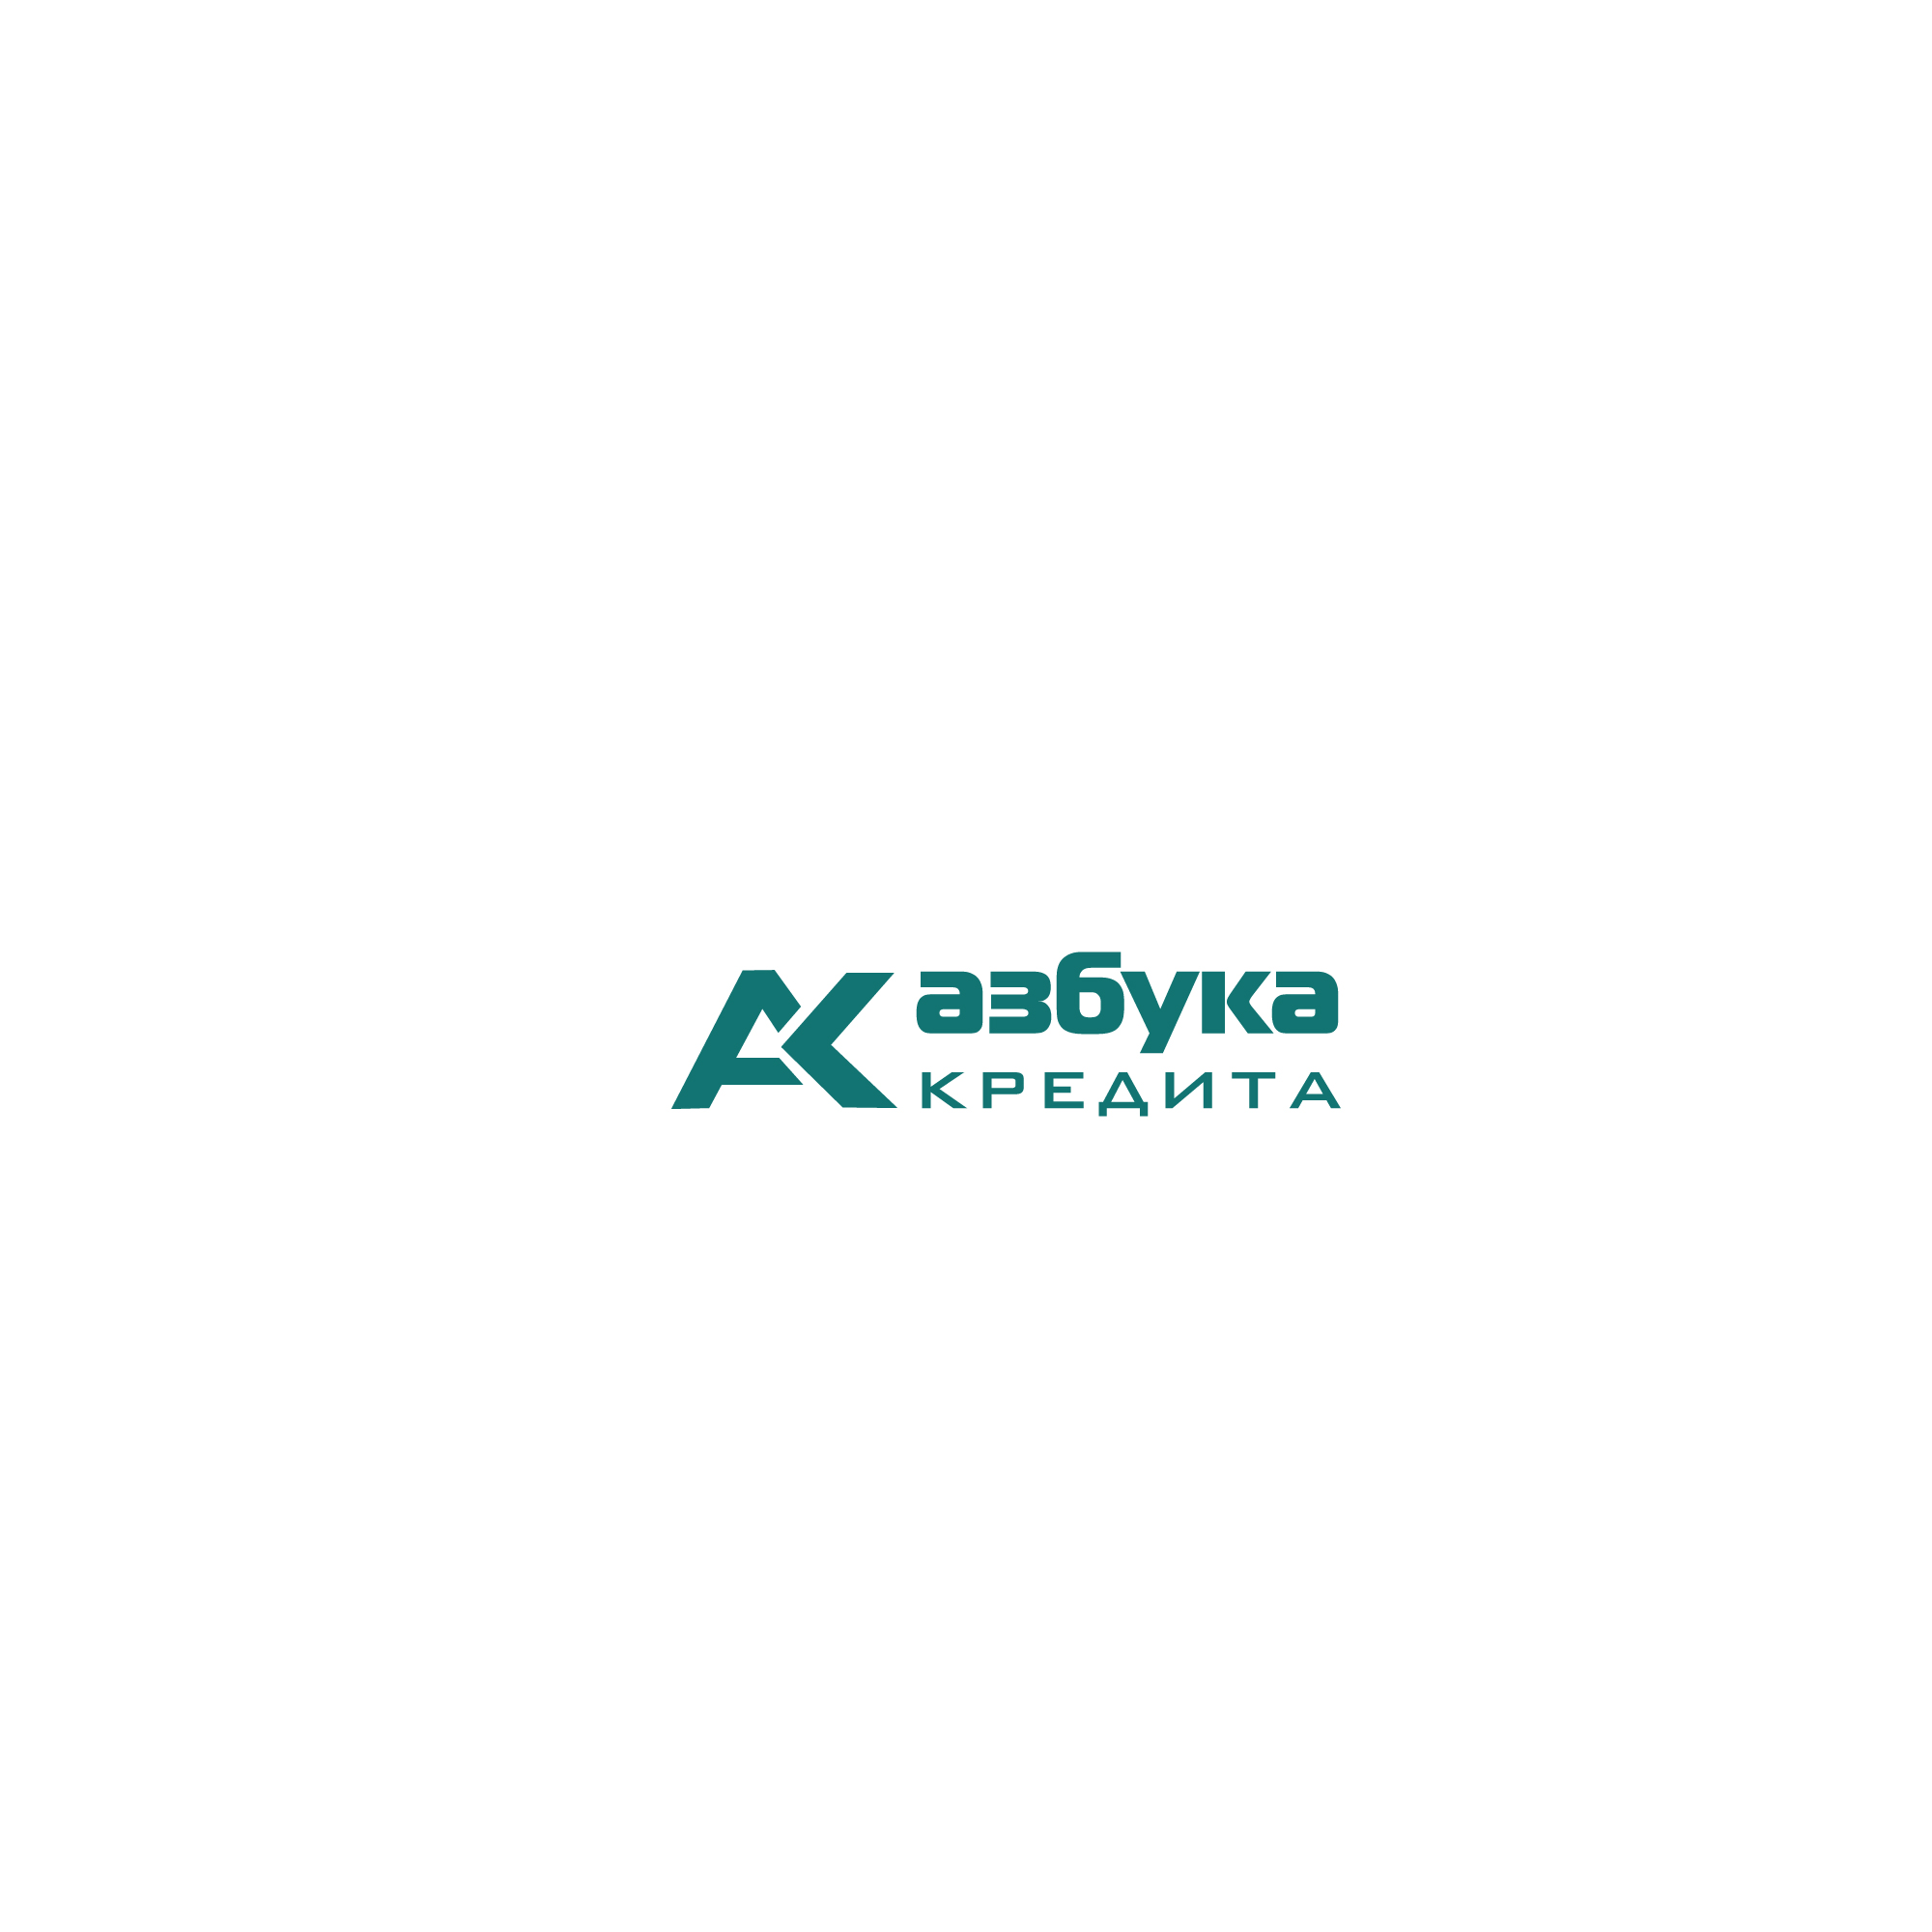 Разработать логотип для финансовой компании фото f_9655de6e675193b6.jpg